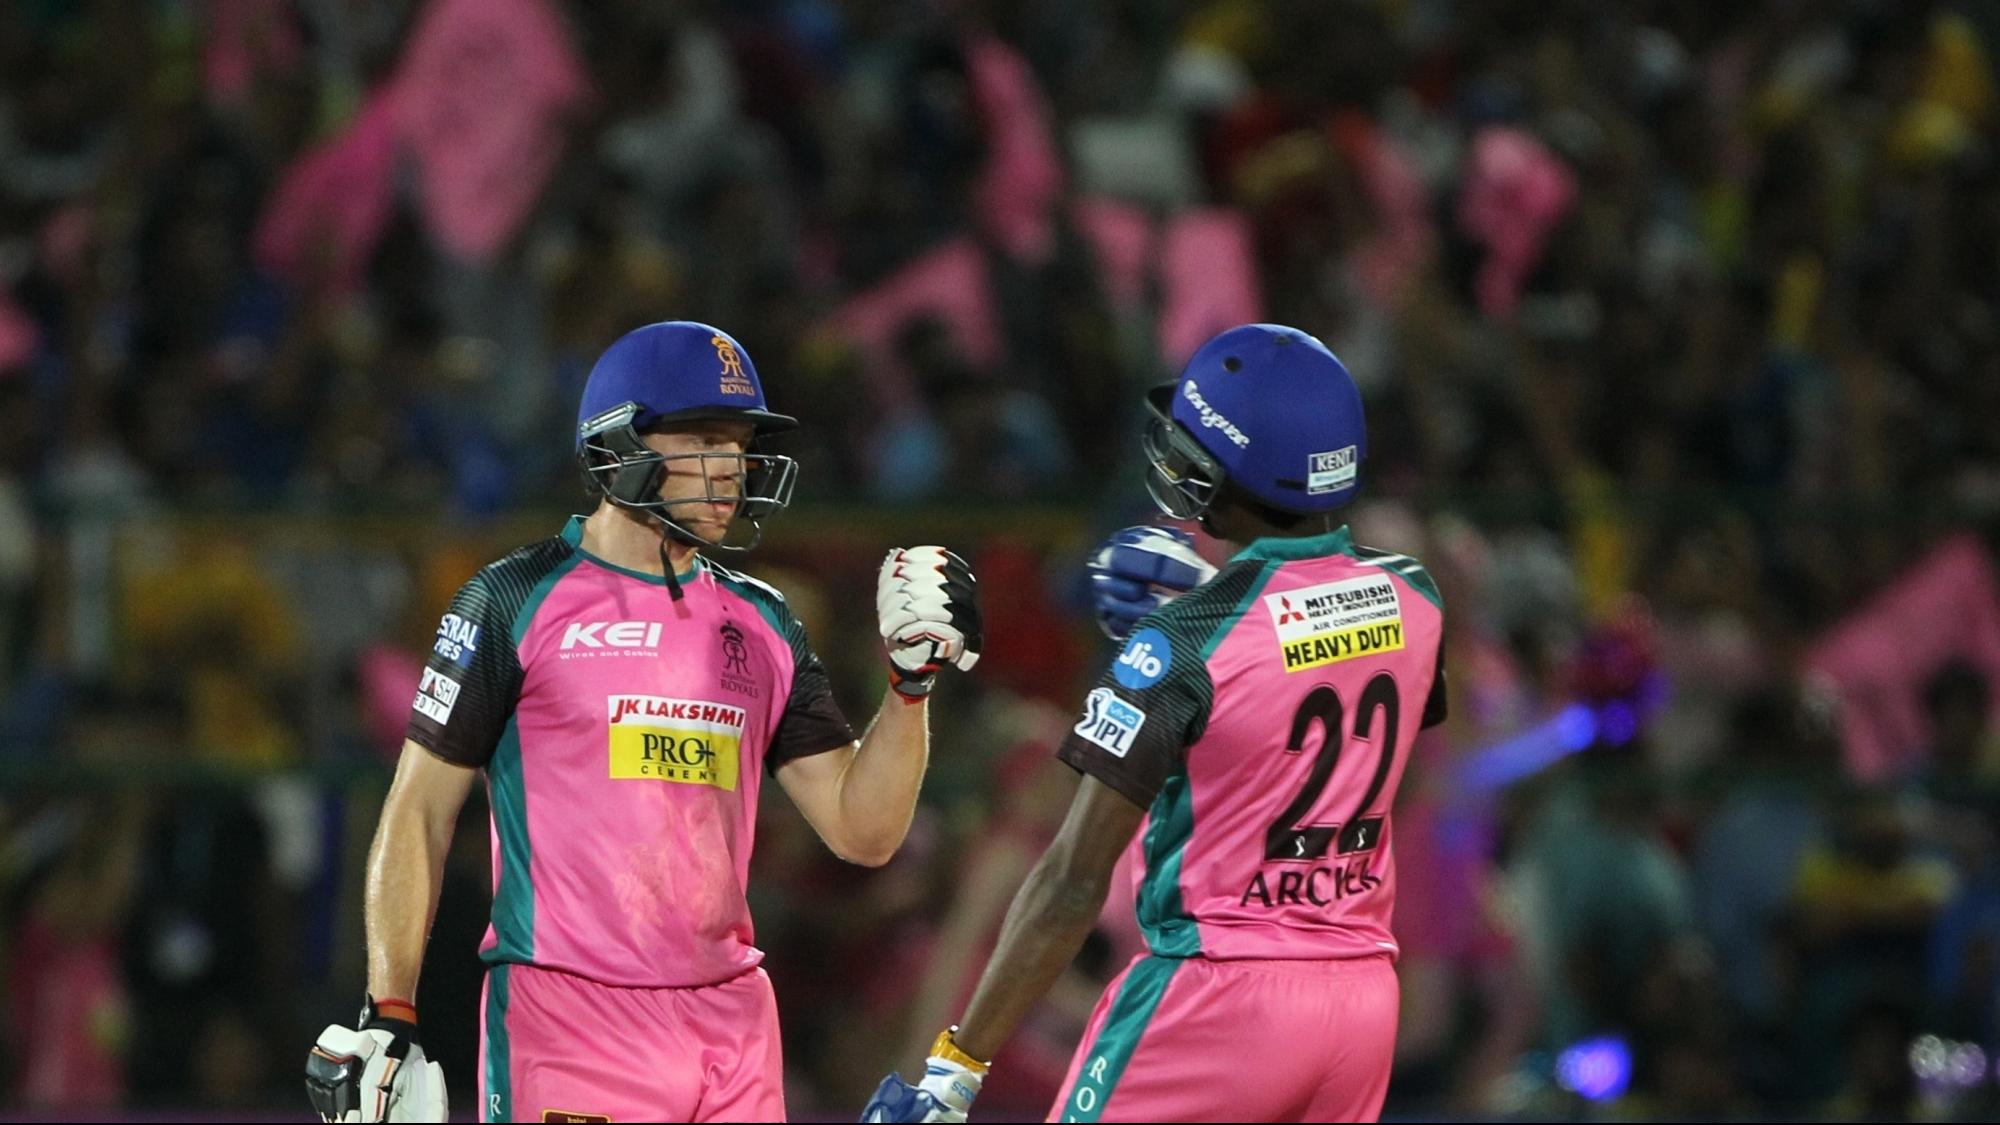 IPL 2018 : जयदेव उनादकट के अनुसार जोस बटलर को और भी बल्लेबाज़ों के समर्थन की हैं जरुरत